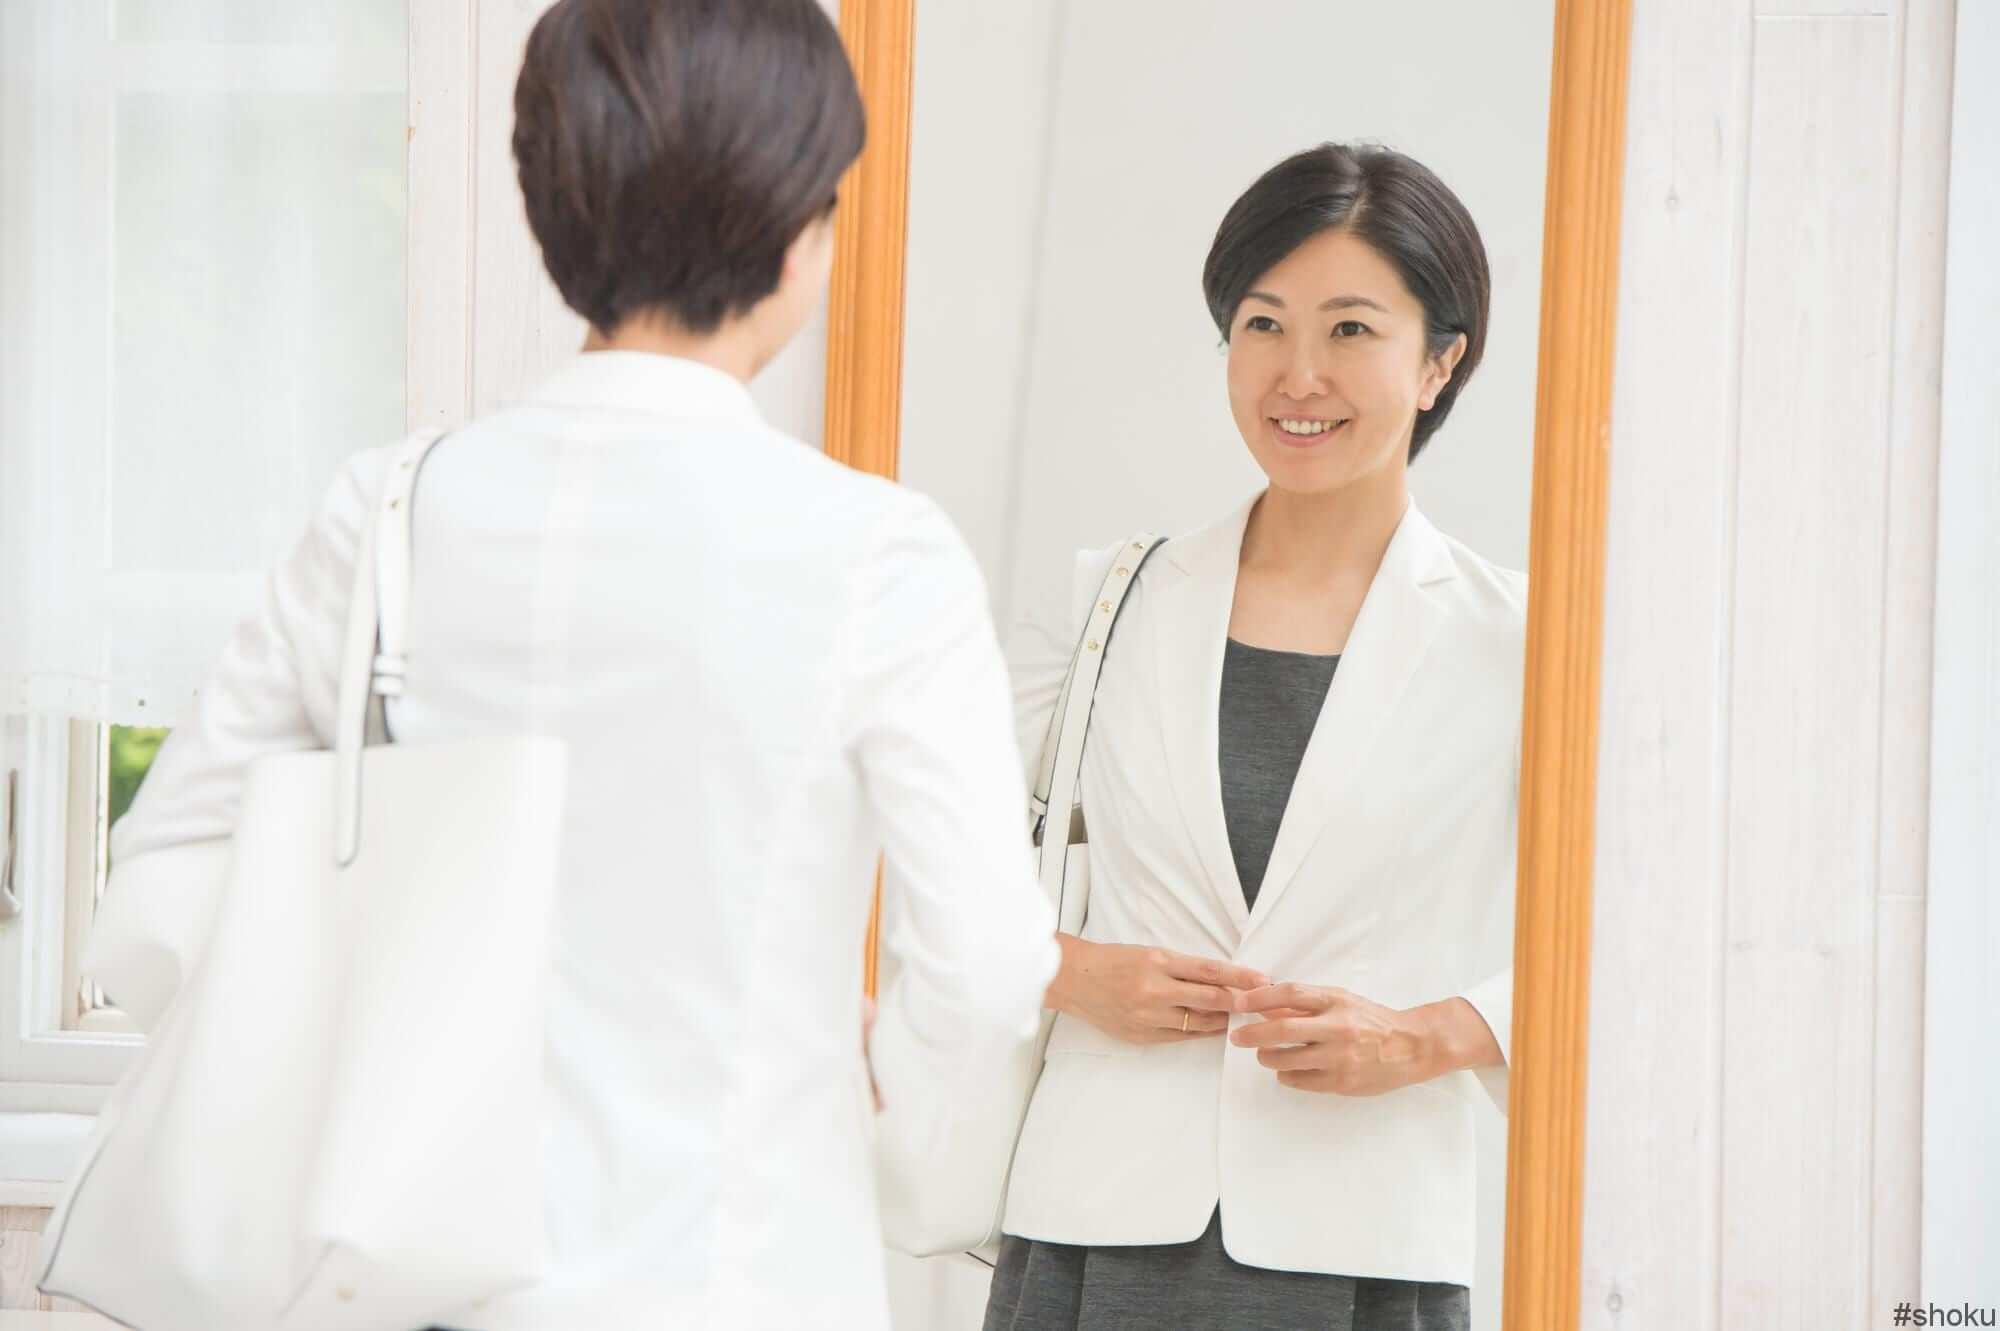 経理の適性が分かり自分を見つめ直している女性